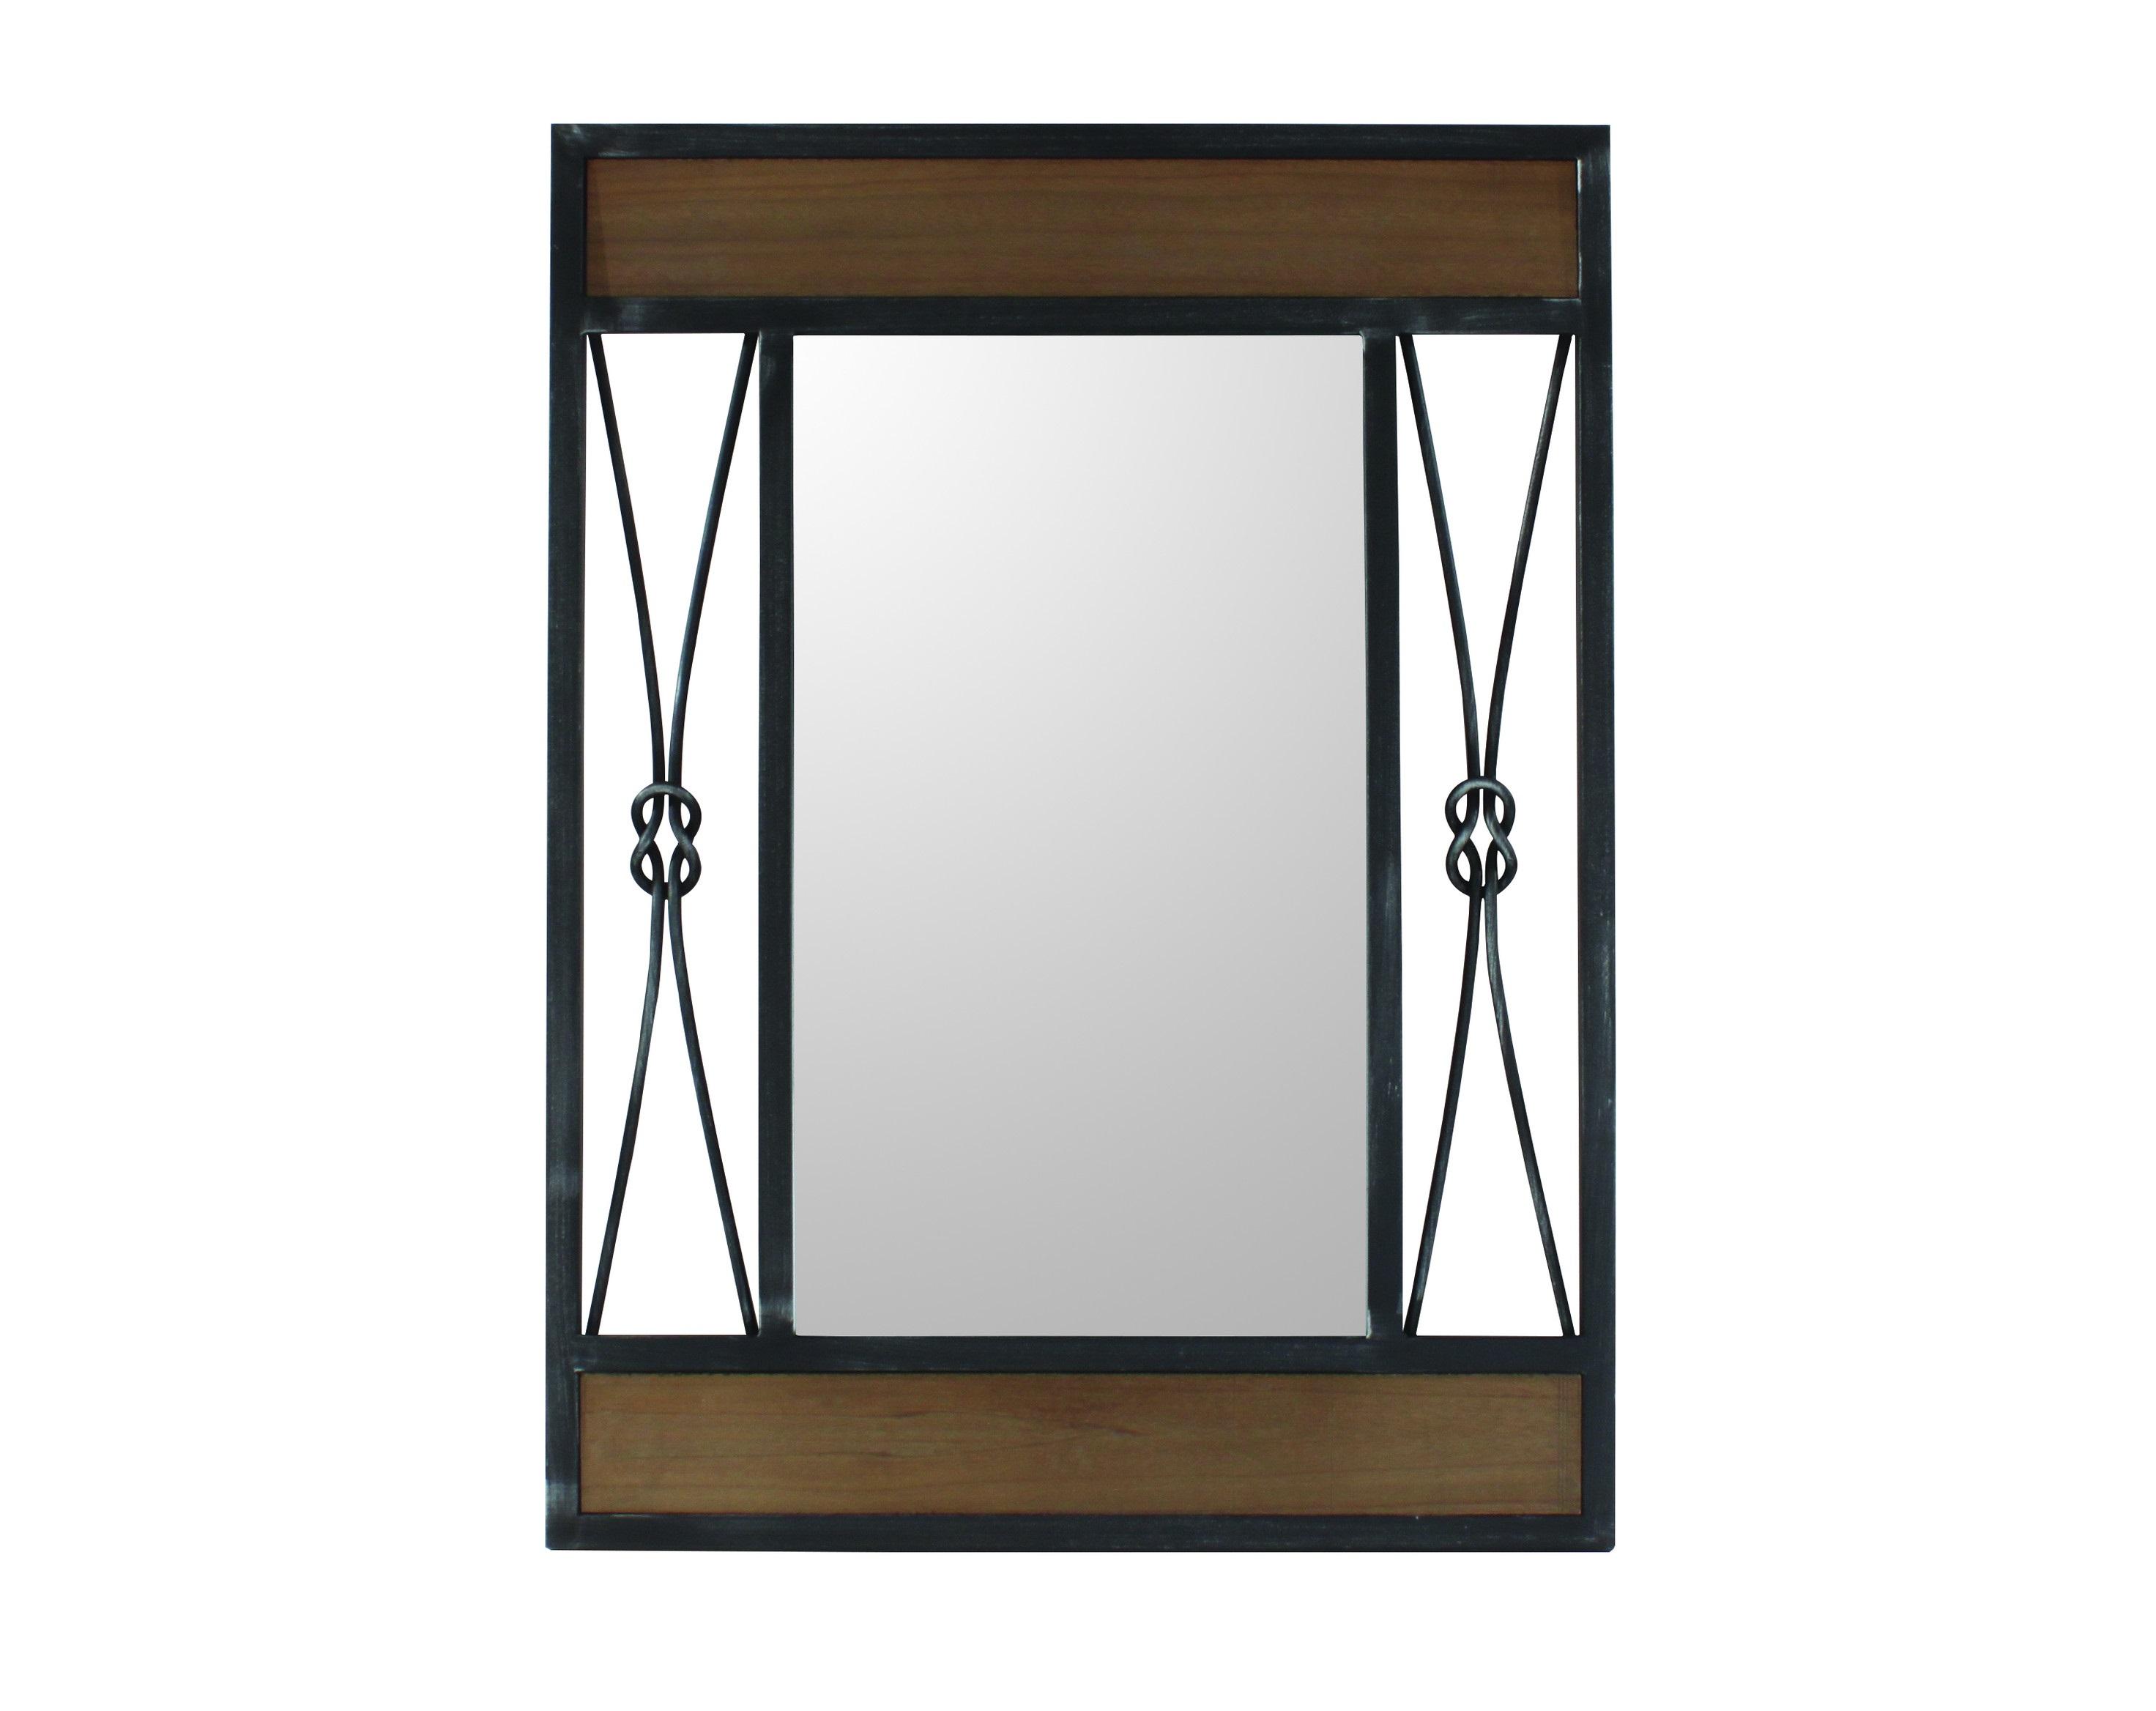 Зеркало KNOTНастенные зеркала<br>Позвольте себе заглянуть в прошлое с зеркалом &amp;quot;Knot&amp;quot;. Уникальный силуэт этого настенного декора напоминает небольшое окошечко, обрамленное элегантной деревянной рамой с железными вставками. Возможно, именно в него вы сумеете разглядеть какие-то события эпохи ар-деко. Ведь именно в стиле этого времени выполнен дизайн зеркала.<br><br>Material: Стекло<br>Length см: 60<br>Width см: 80